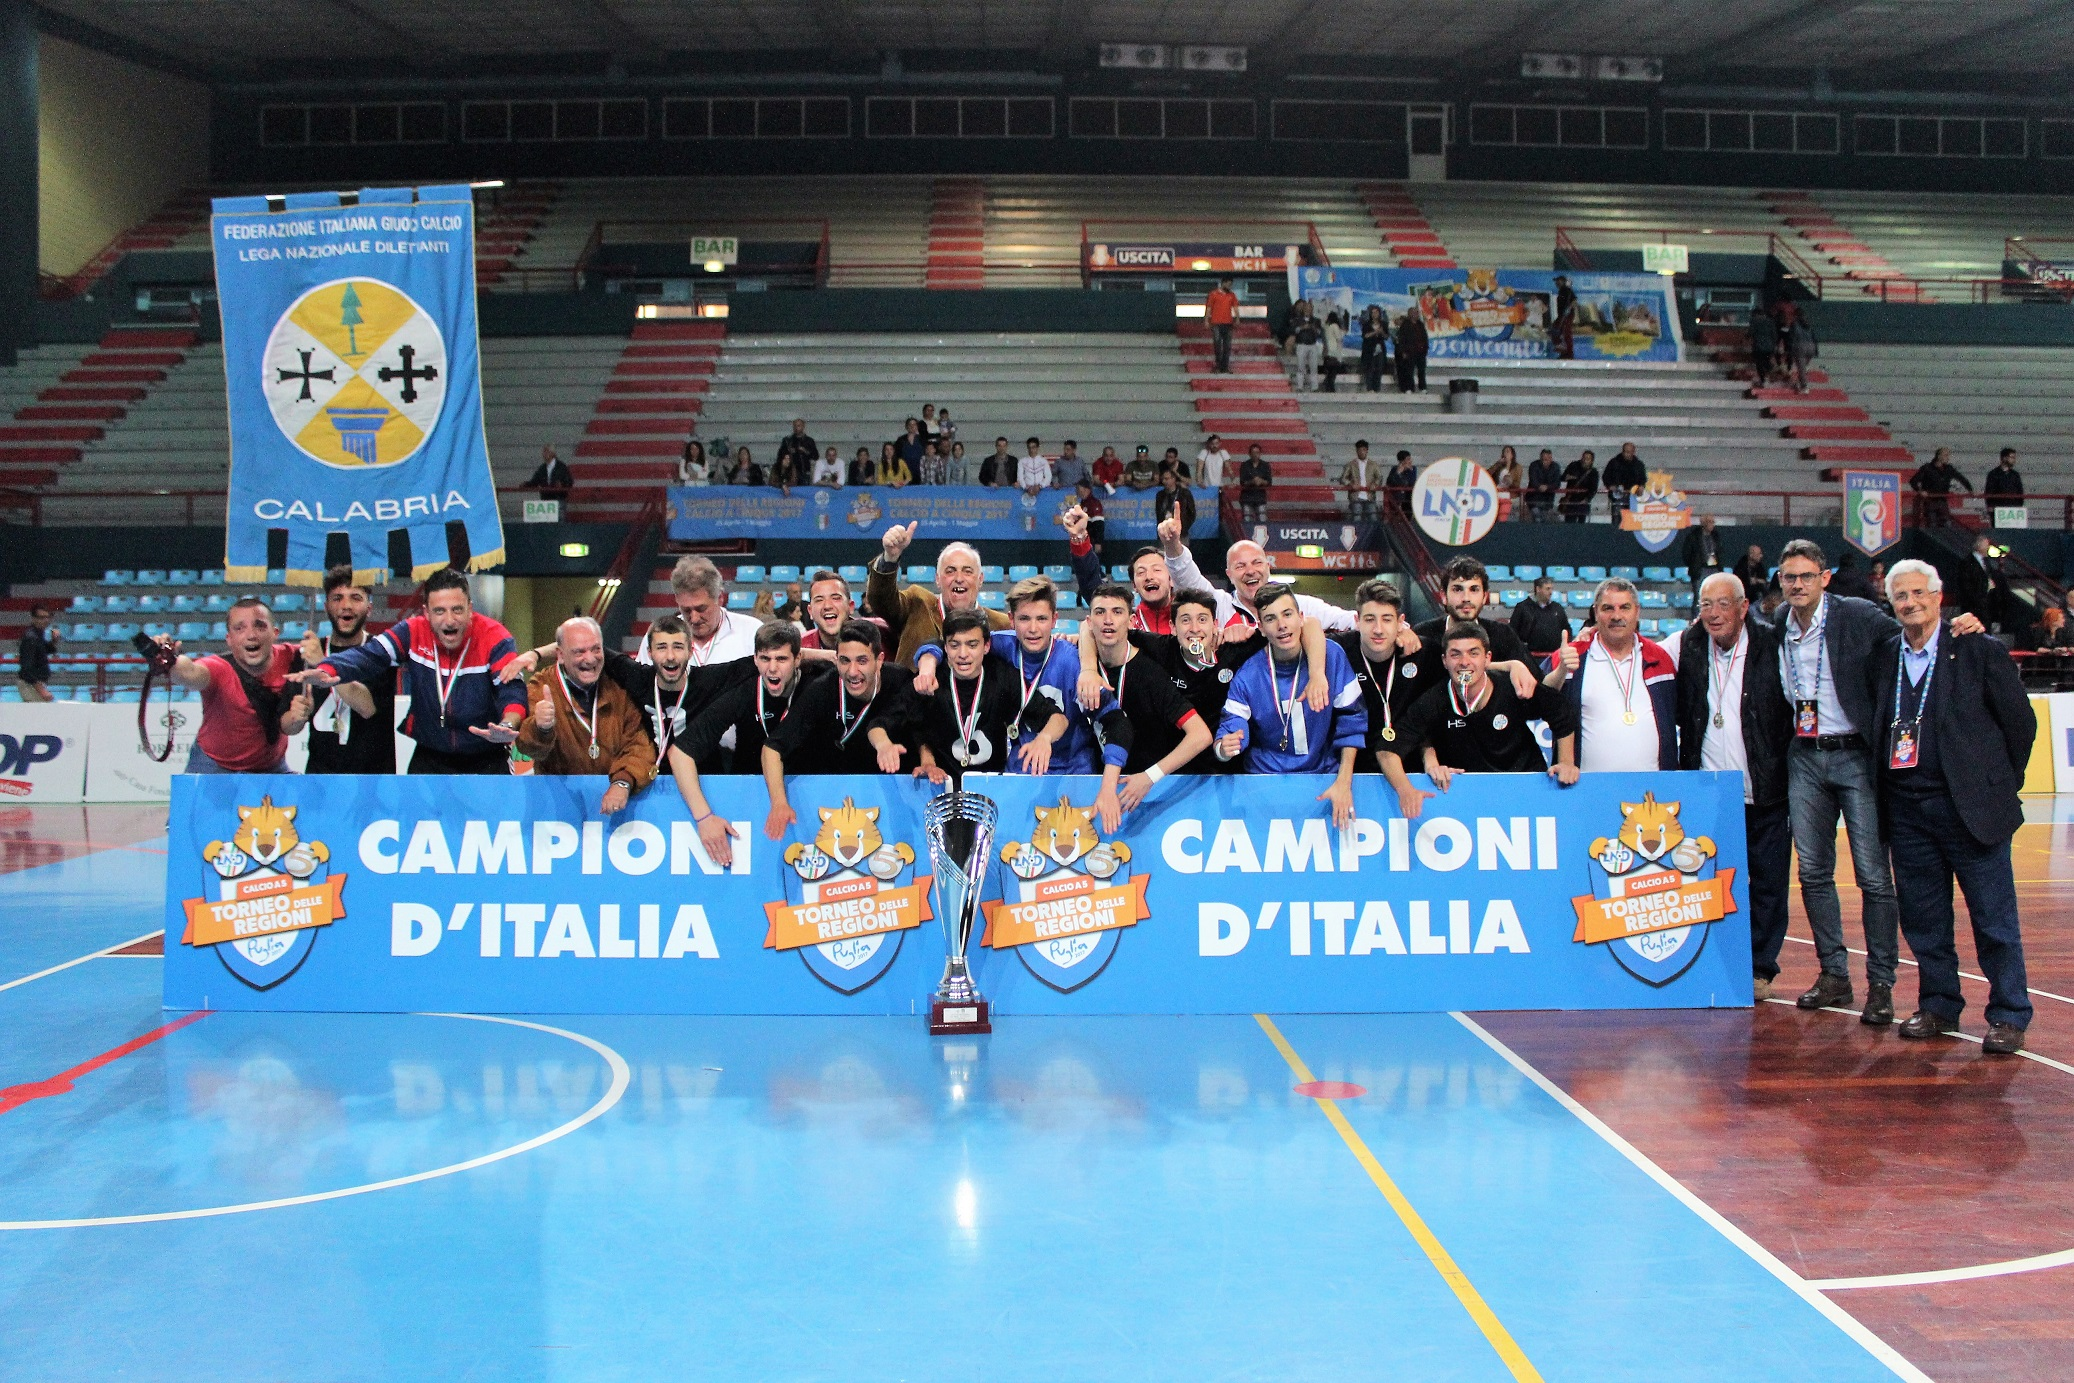 Festa grande per la Calabria sportiva e il calcio a 5La squadra Juniores si laurea campione d'Italia